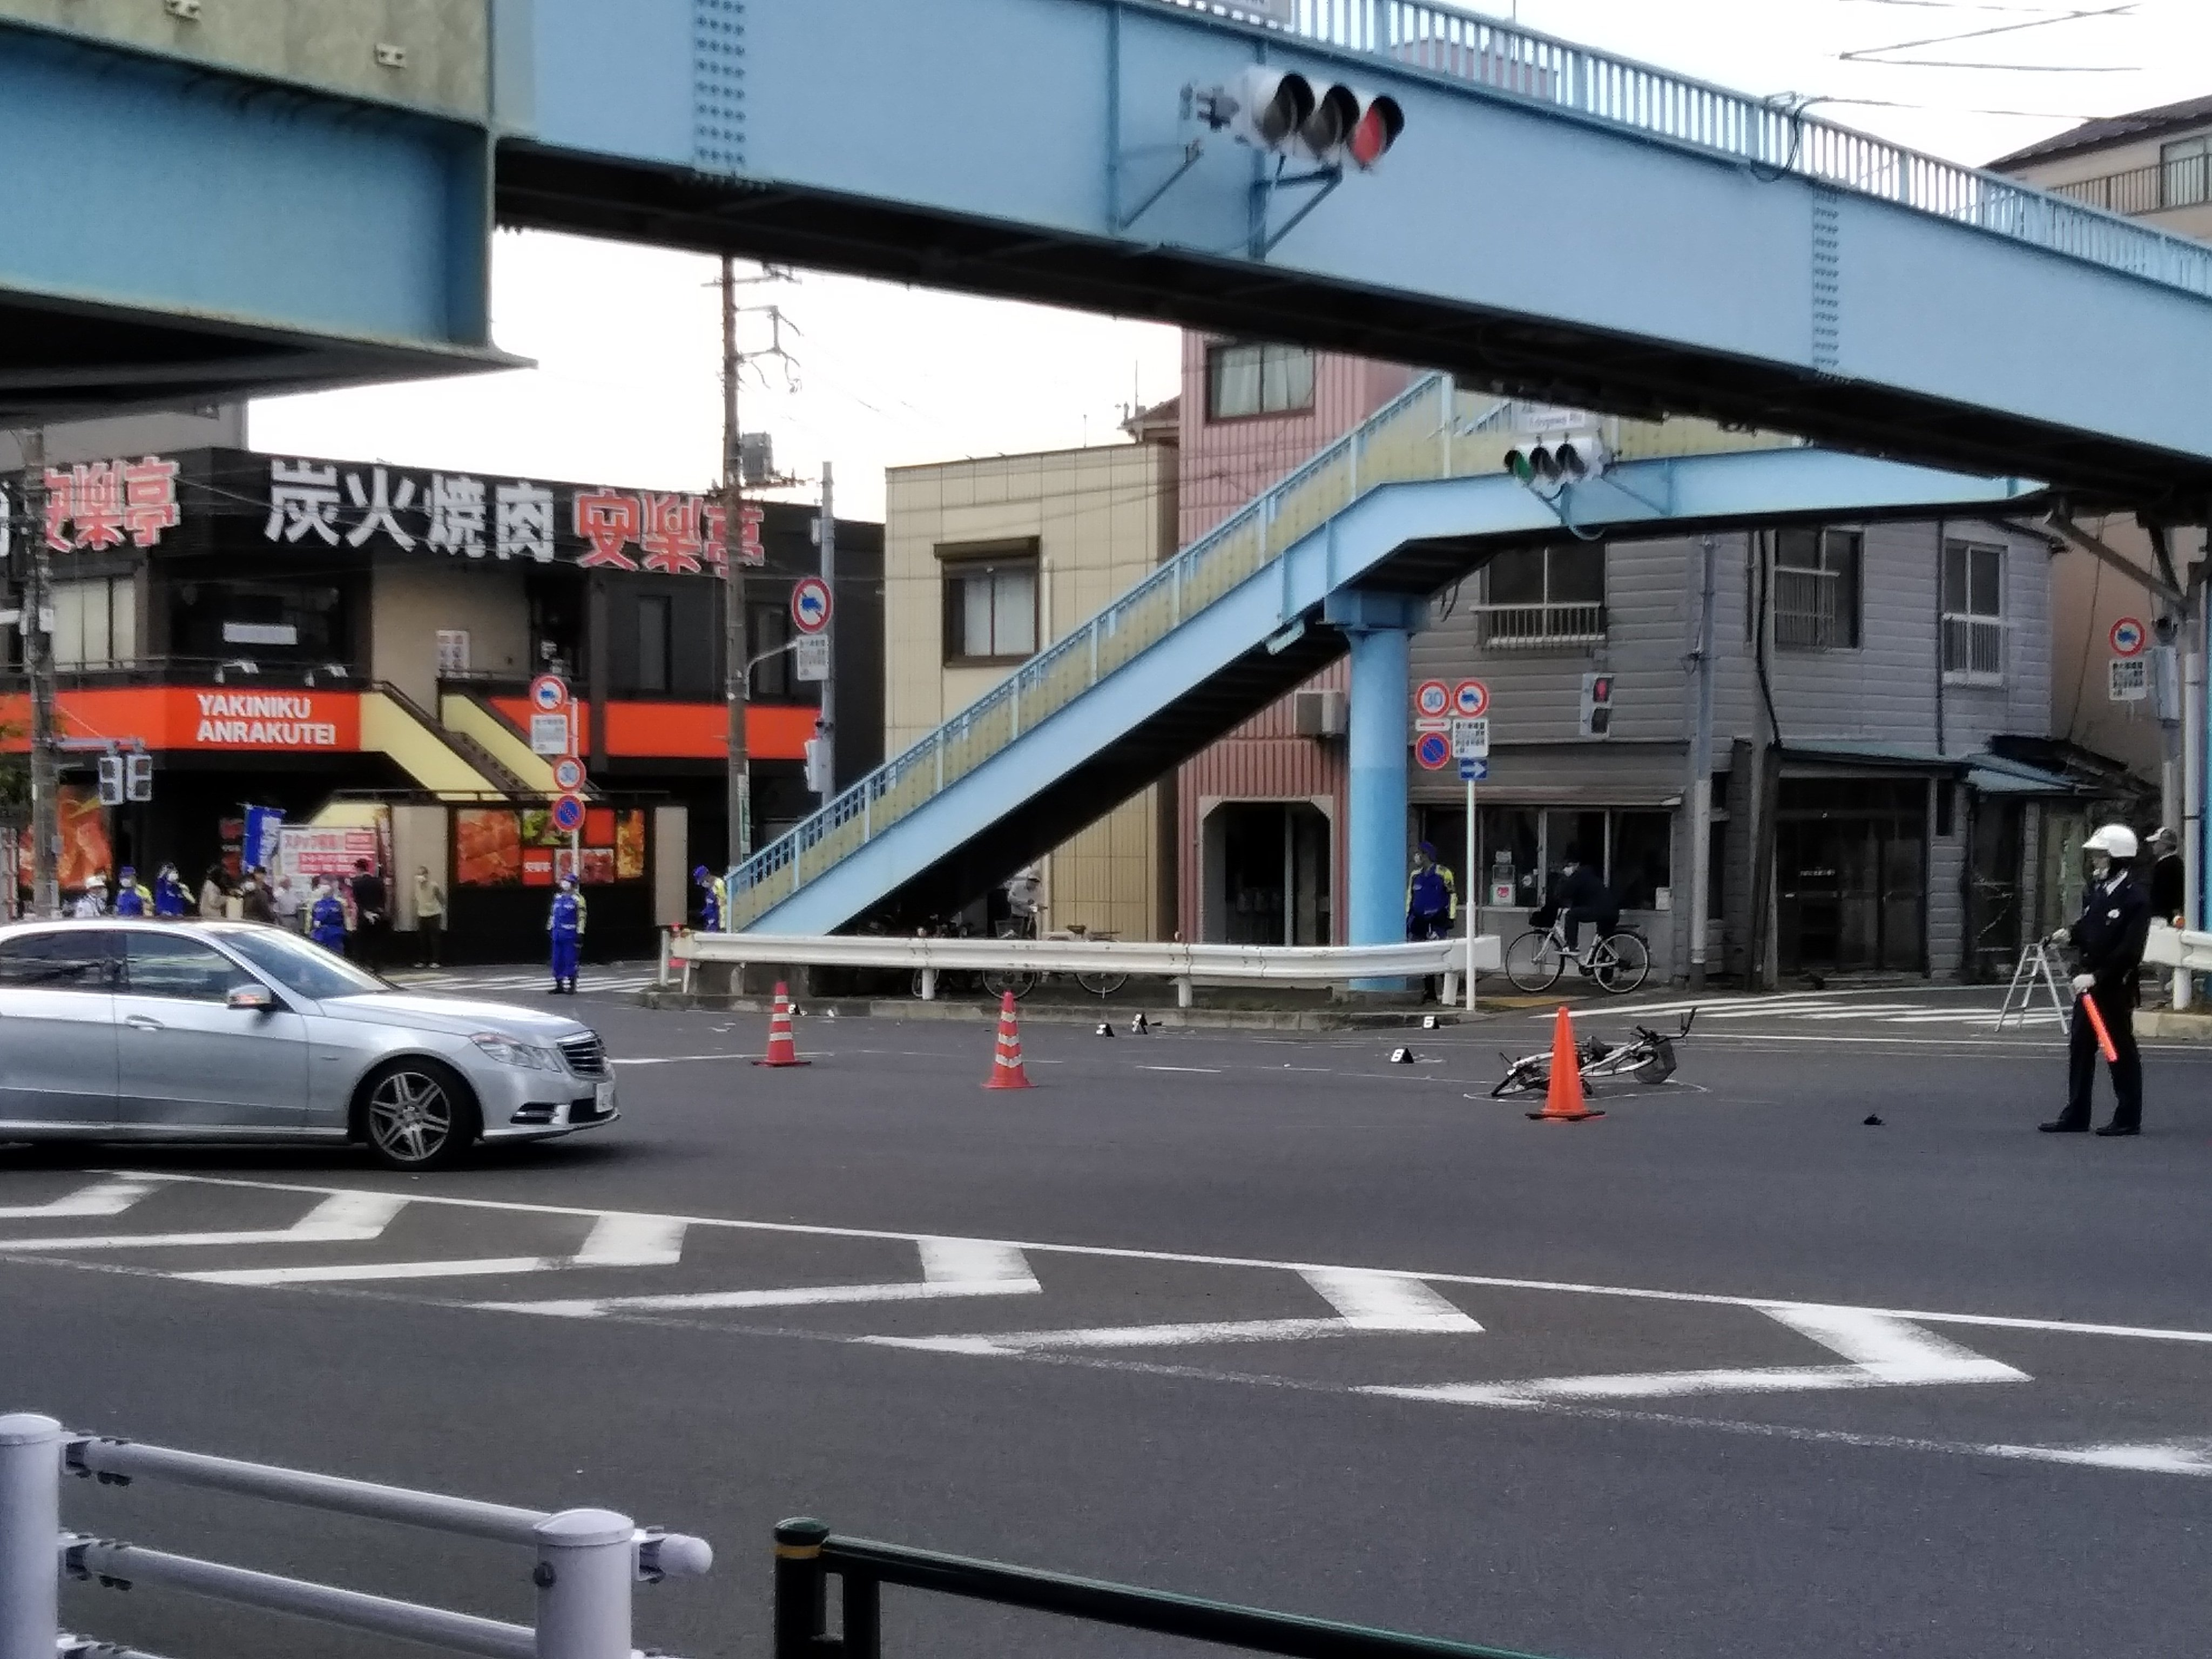 江戸川区の市川橋付近でひき逃げ死亡事件が起きた現場の画像